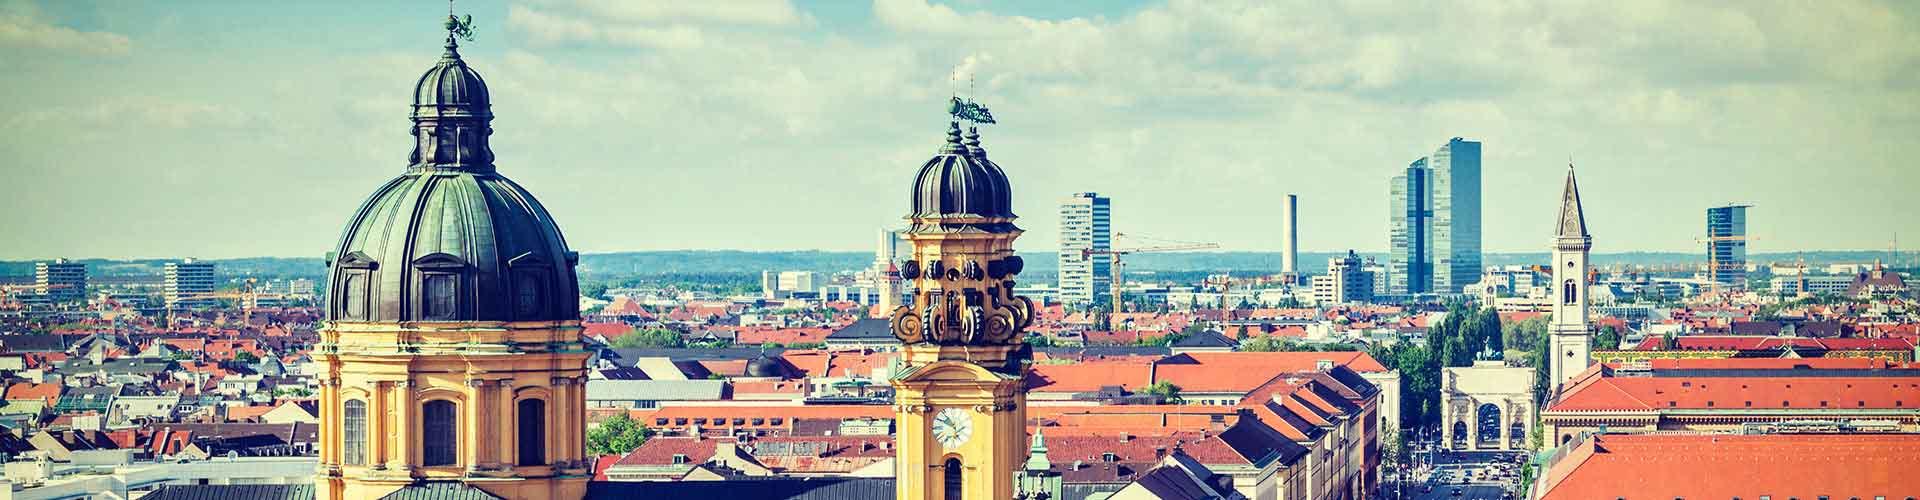 Monachium - Hostele w mieście: Monachium, Mapy: Monachium, Zdjęcia i Recenzje dla każdego hostelu w mieście Monachium.